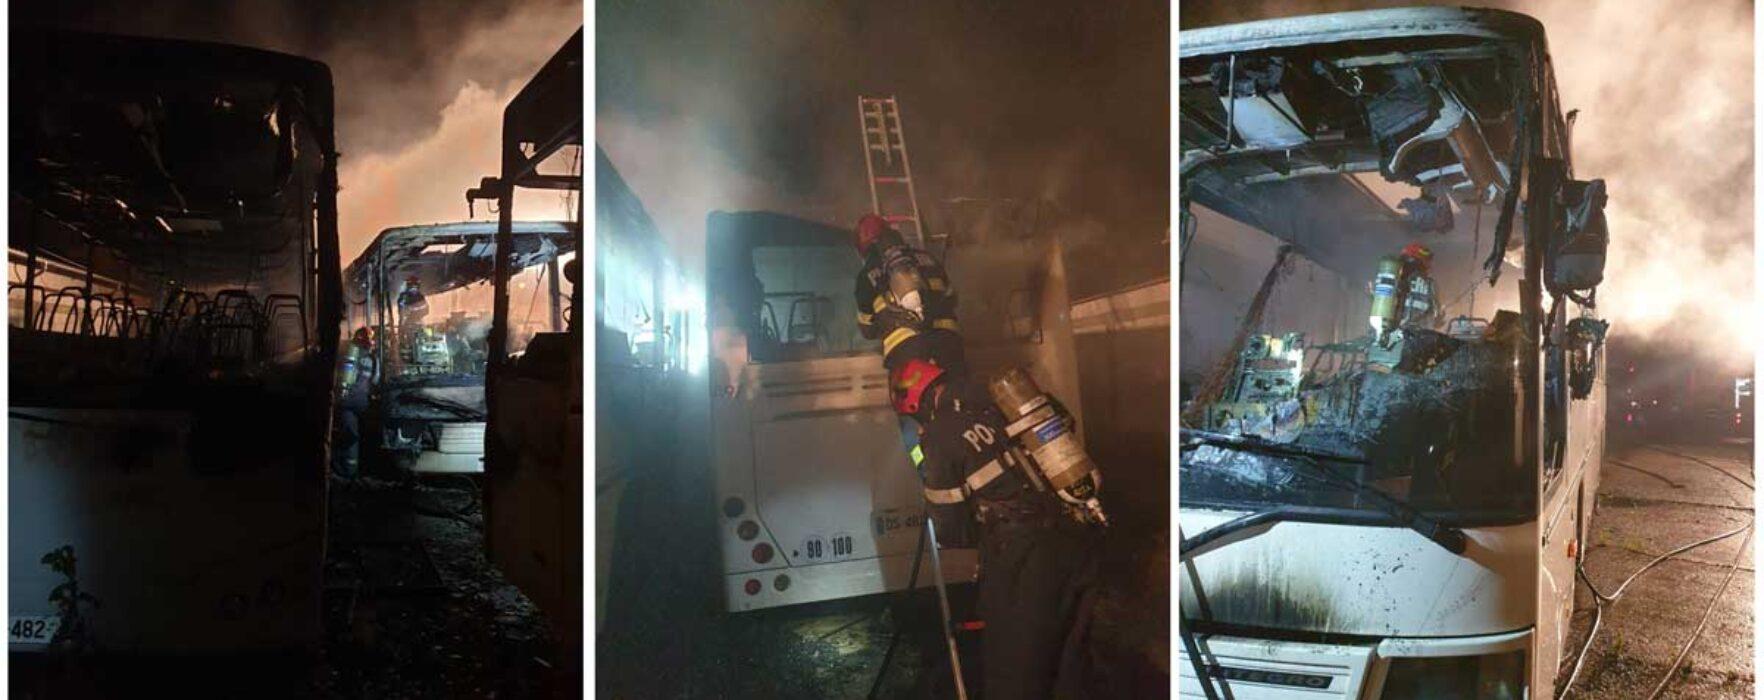 Trei autobuze, incendiate în noaptea de marţi spre miercuri, în Târgovişte